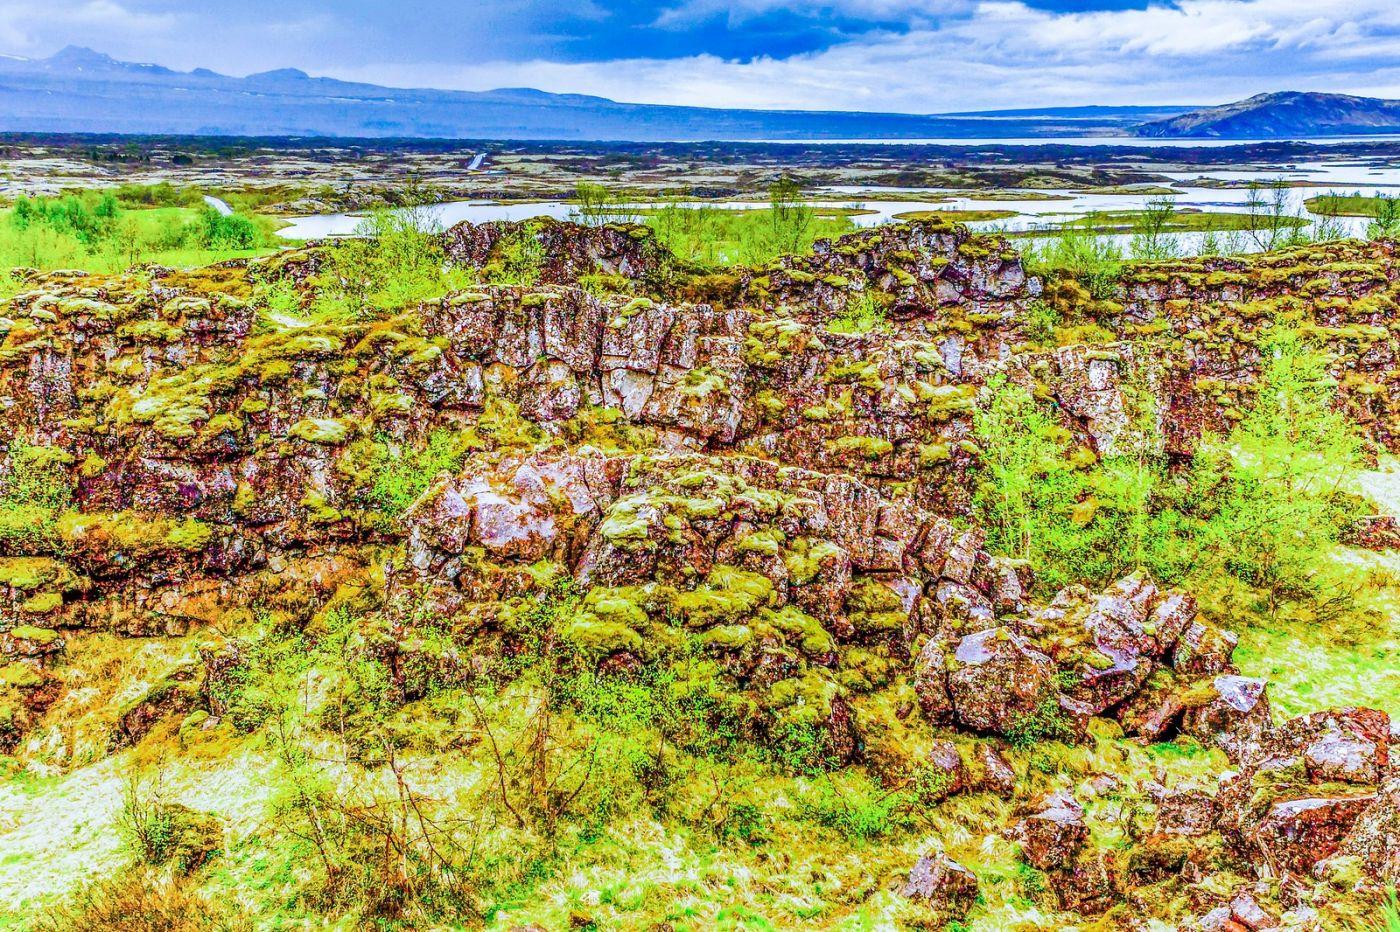 冰岛辛格韦德利国家公园,世界遗产_图1-6